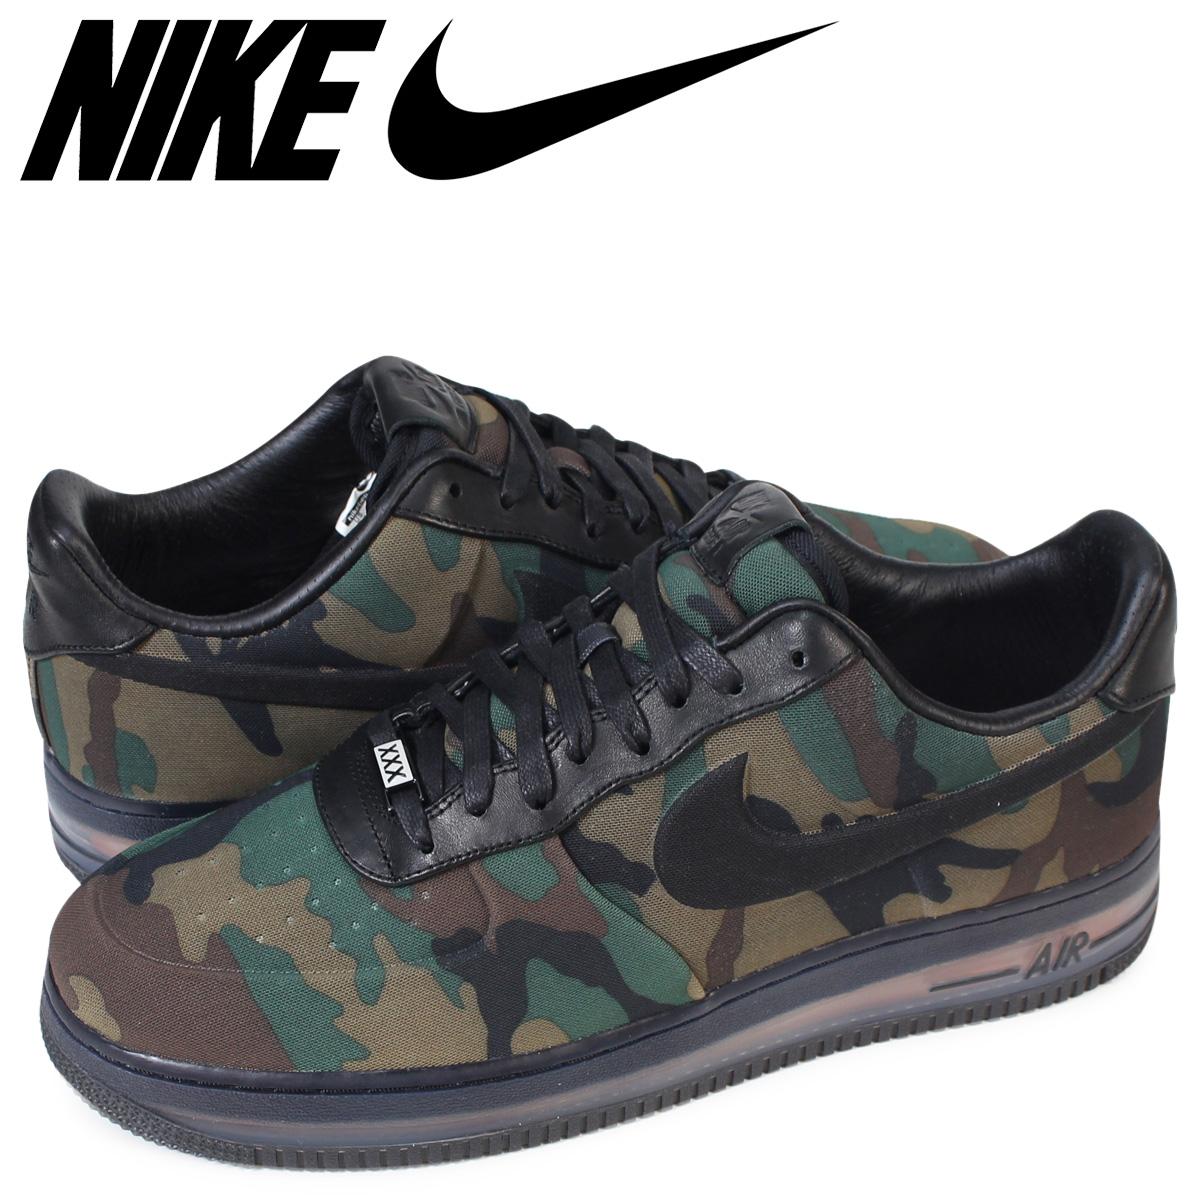 Nike AIR FORCE 1 LOW MAX AIR VT QS 'CAMO' 530989 090